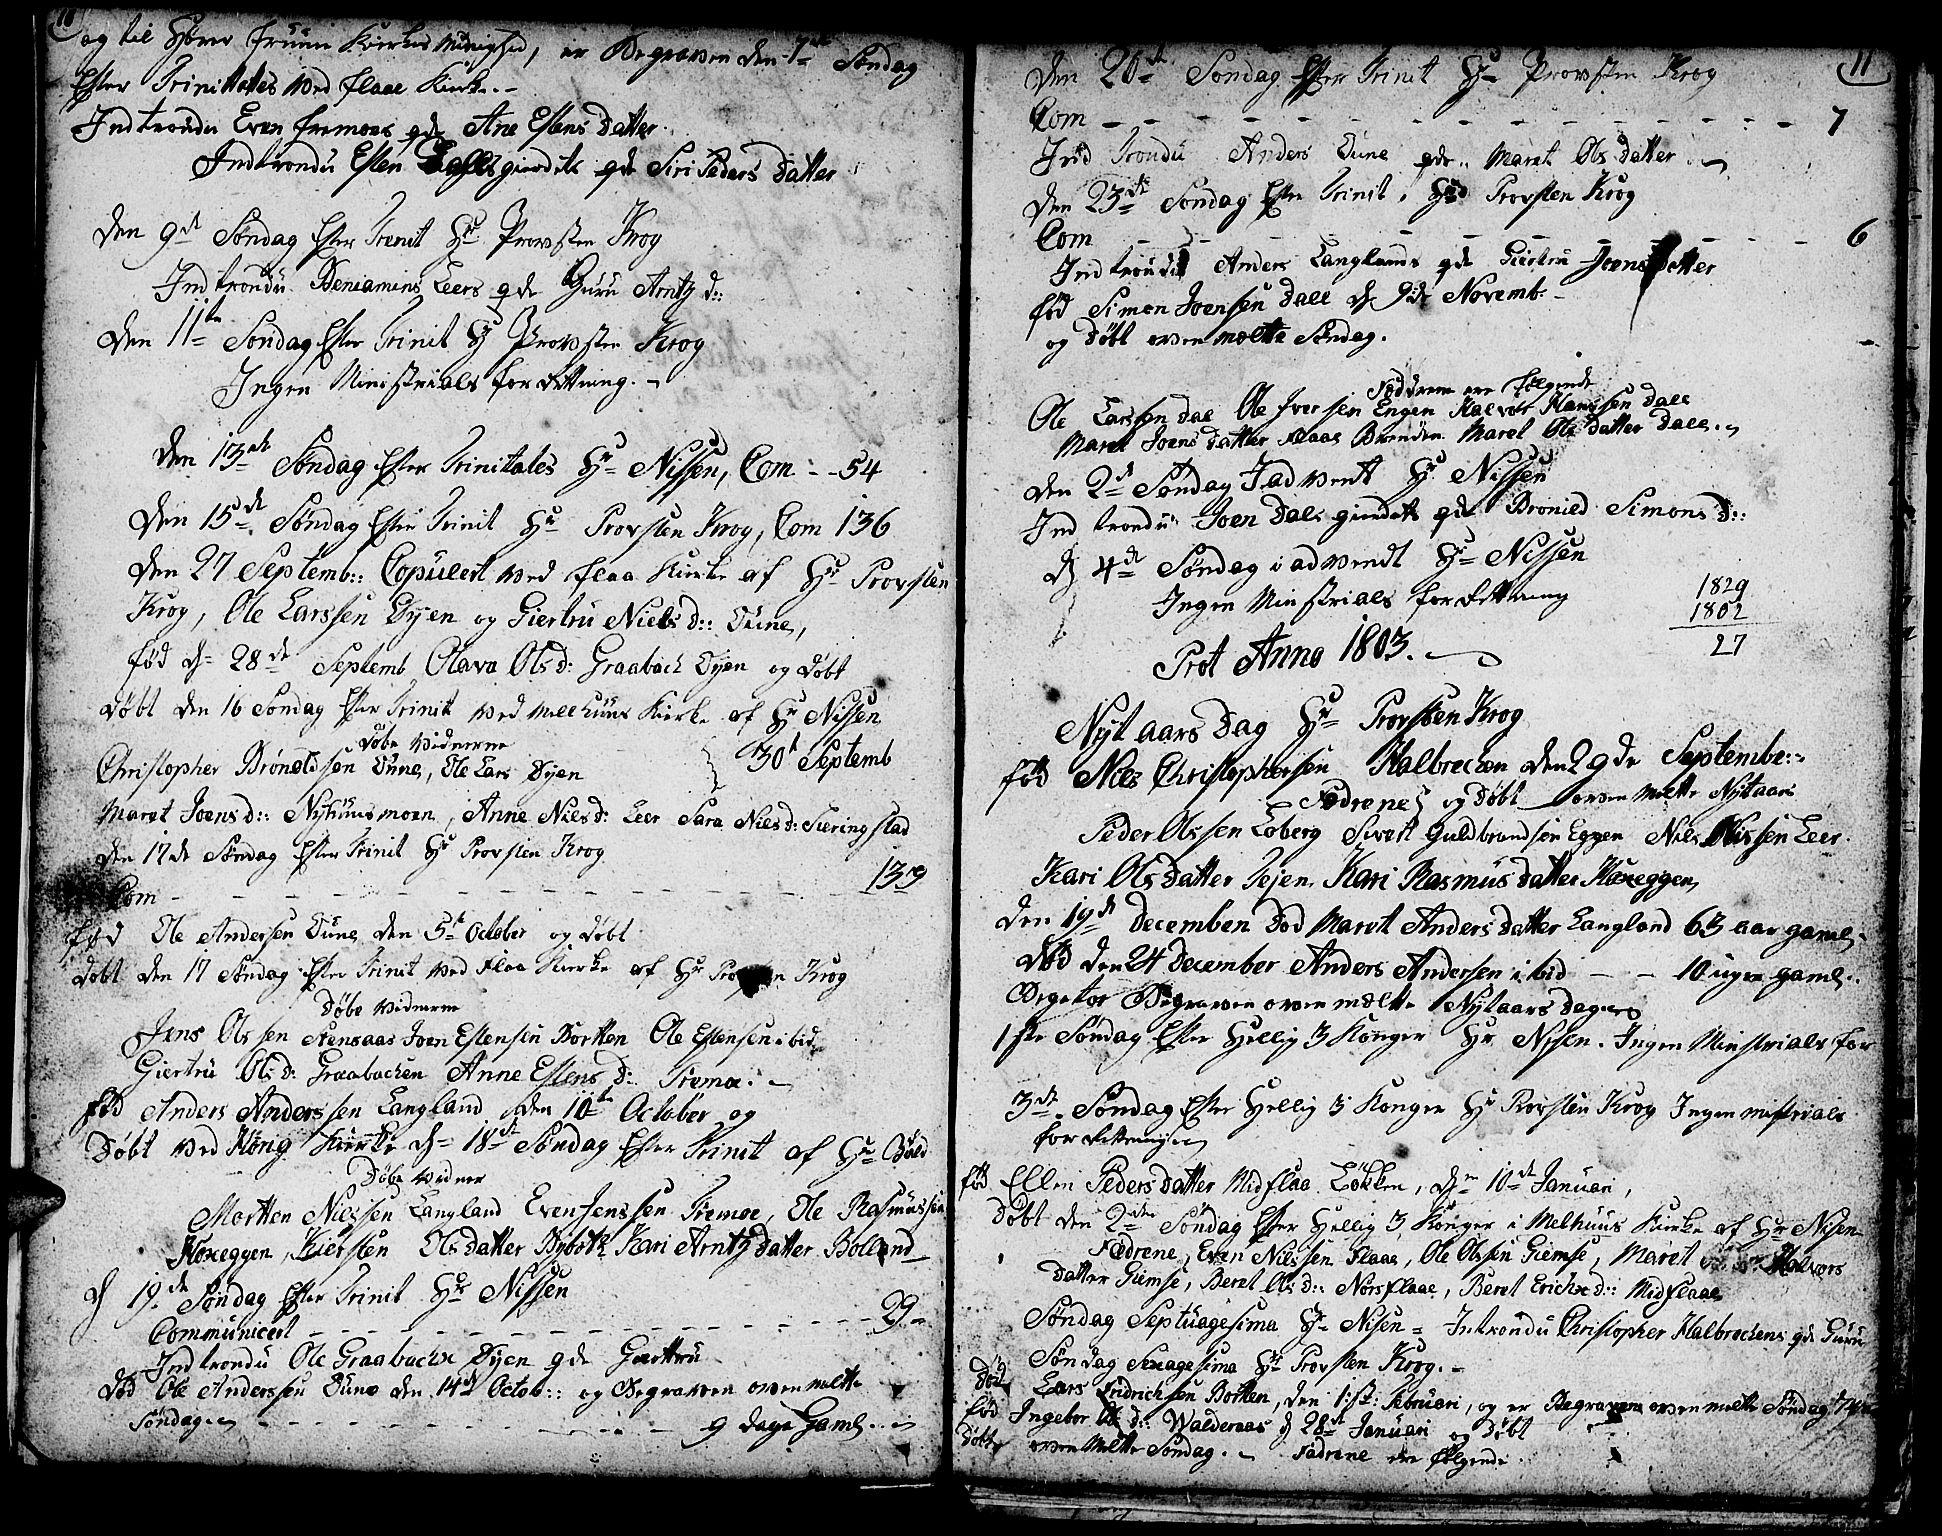 SAT, Ministerialprotokoller, klokkerbøker og fødselsregistre - Sør-Trøndelag, 693/L1120: Klokkerbok nr. 693C01, 1799-1816, s. 10-11